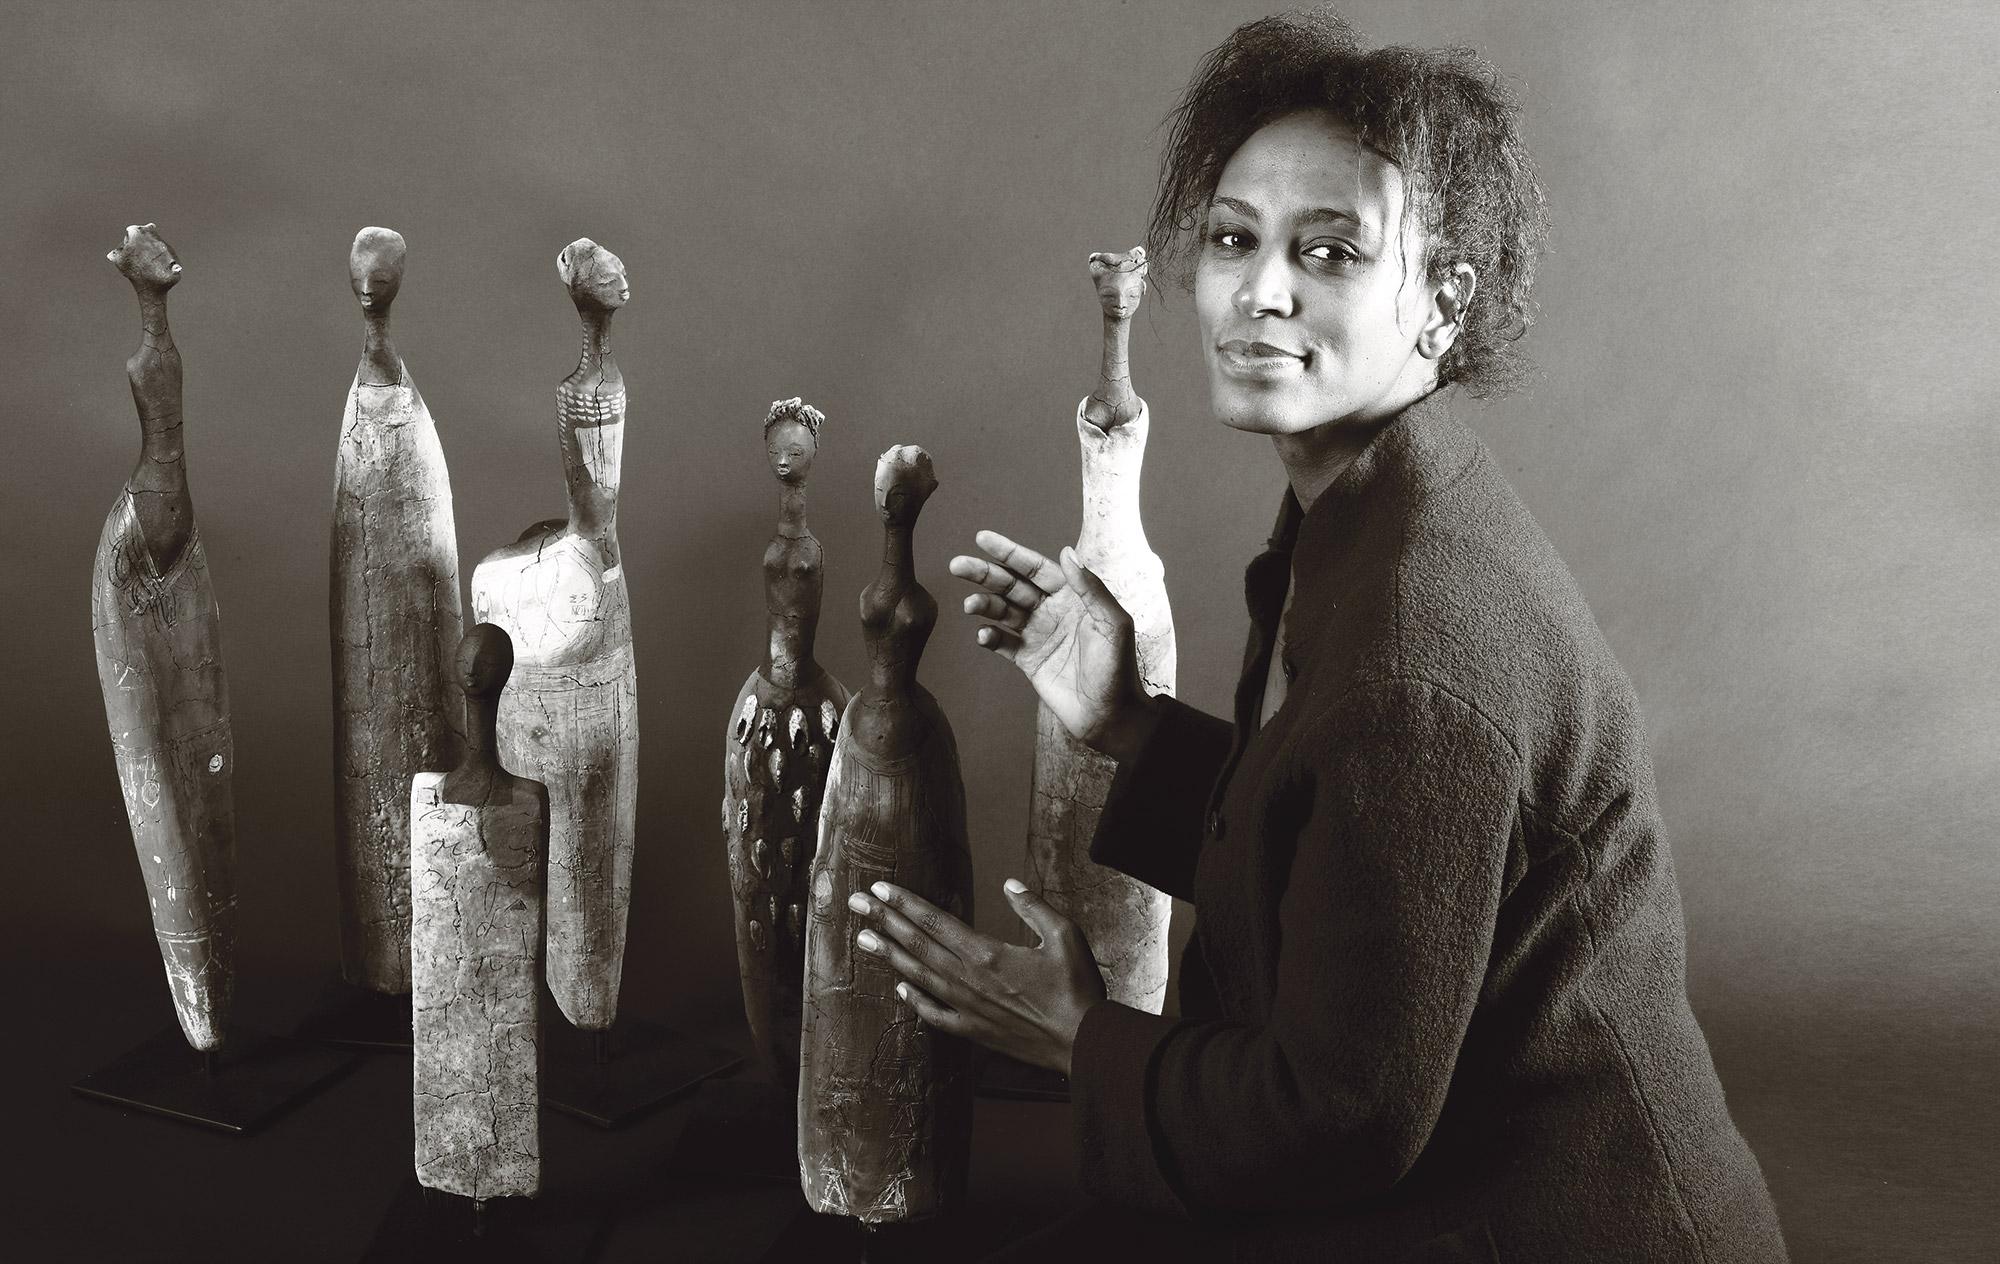 Etiyé Dimma Poulsen